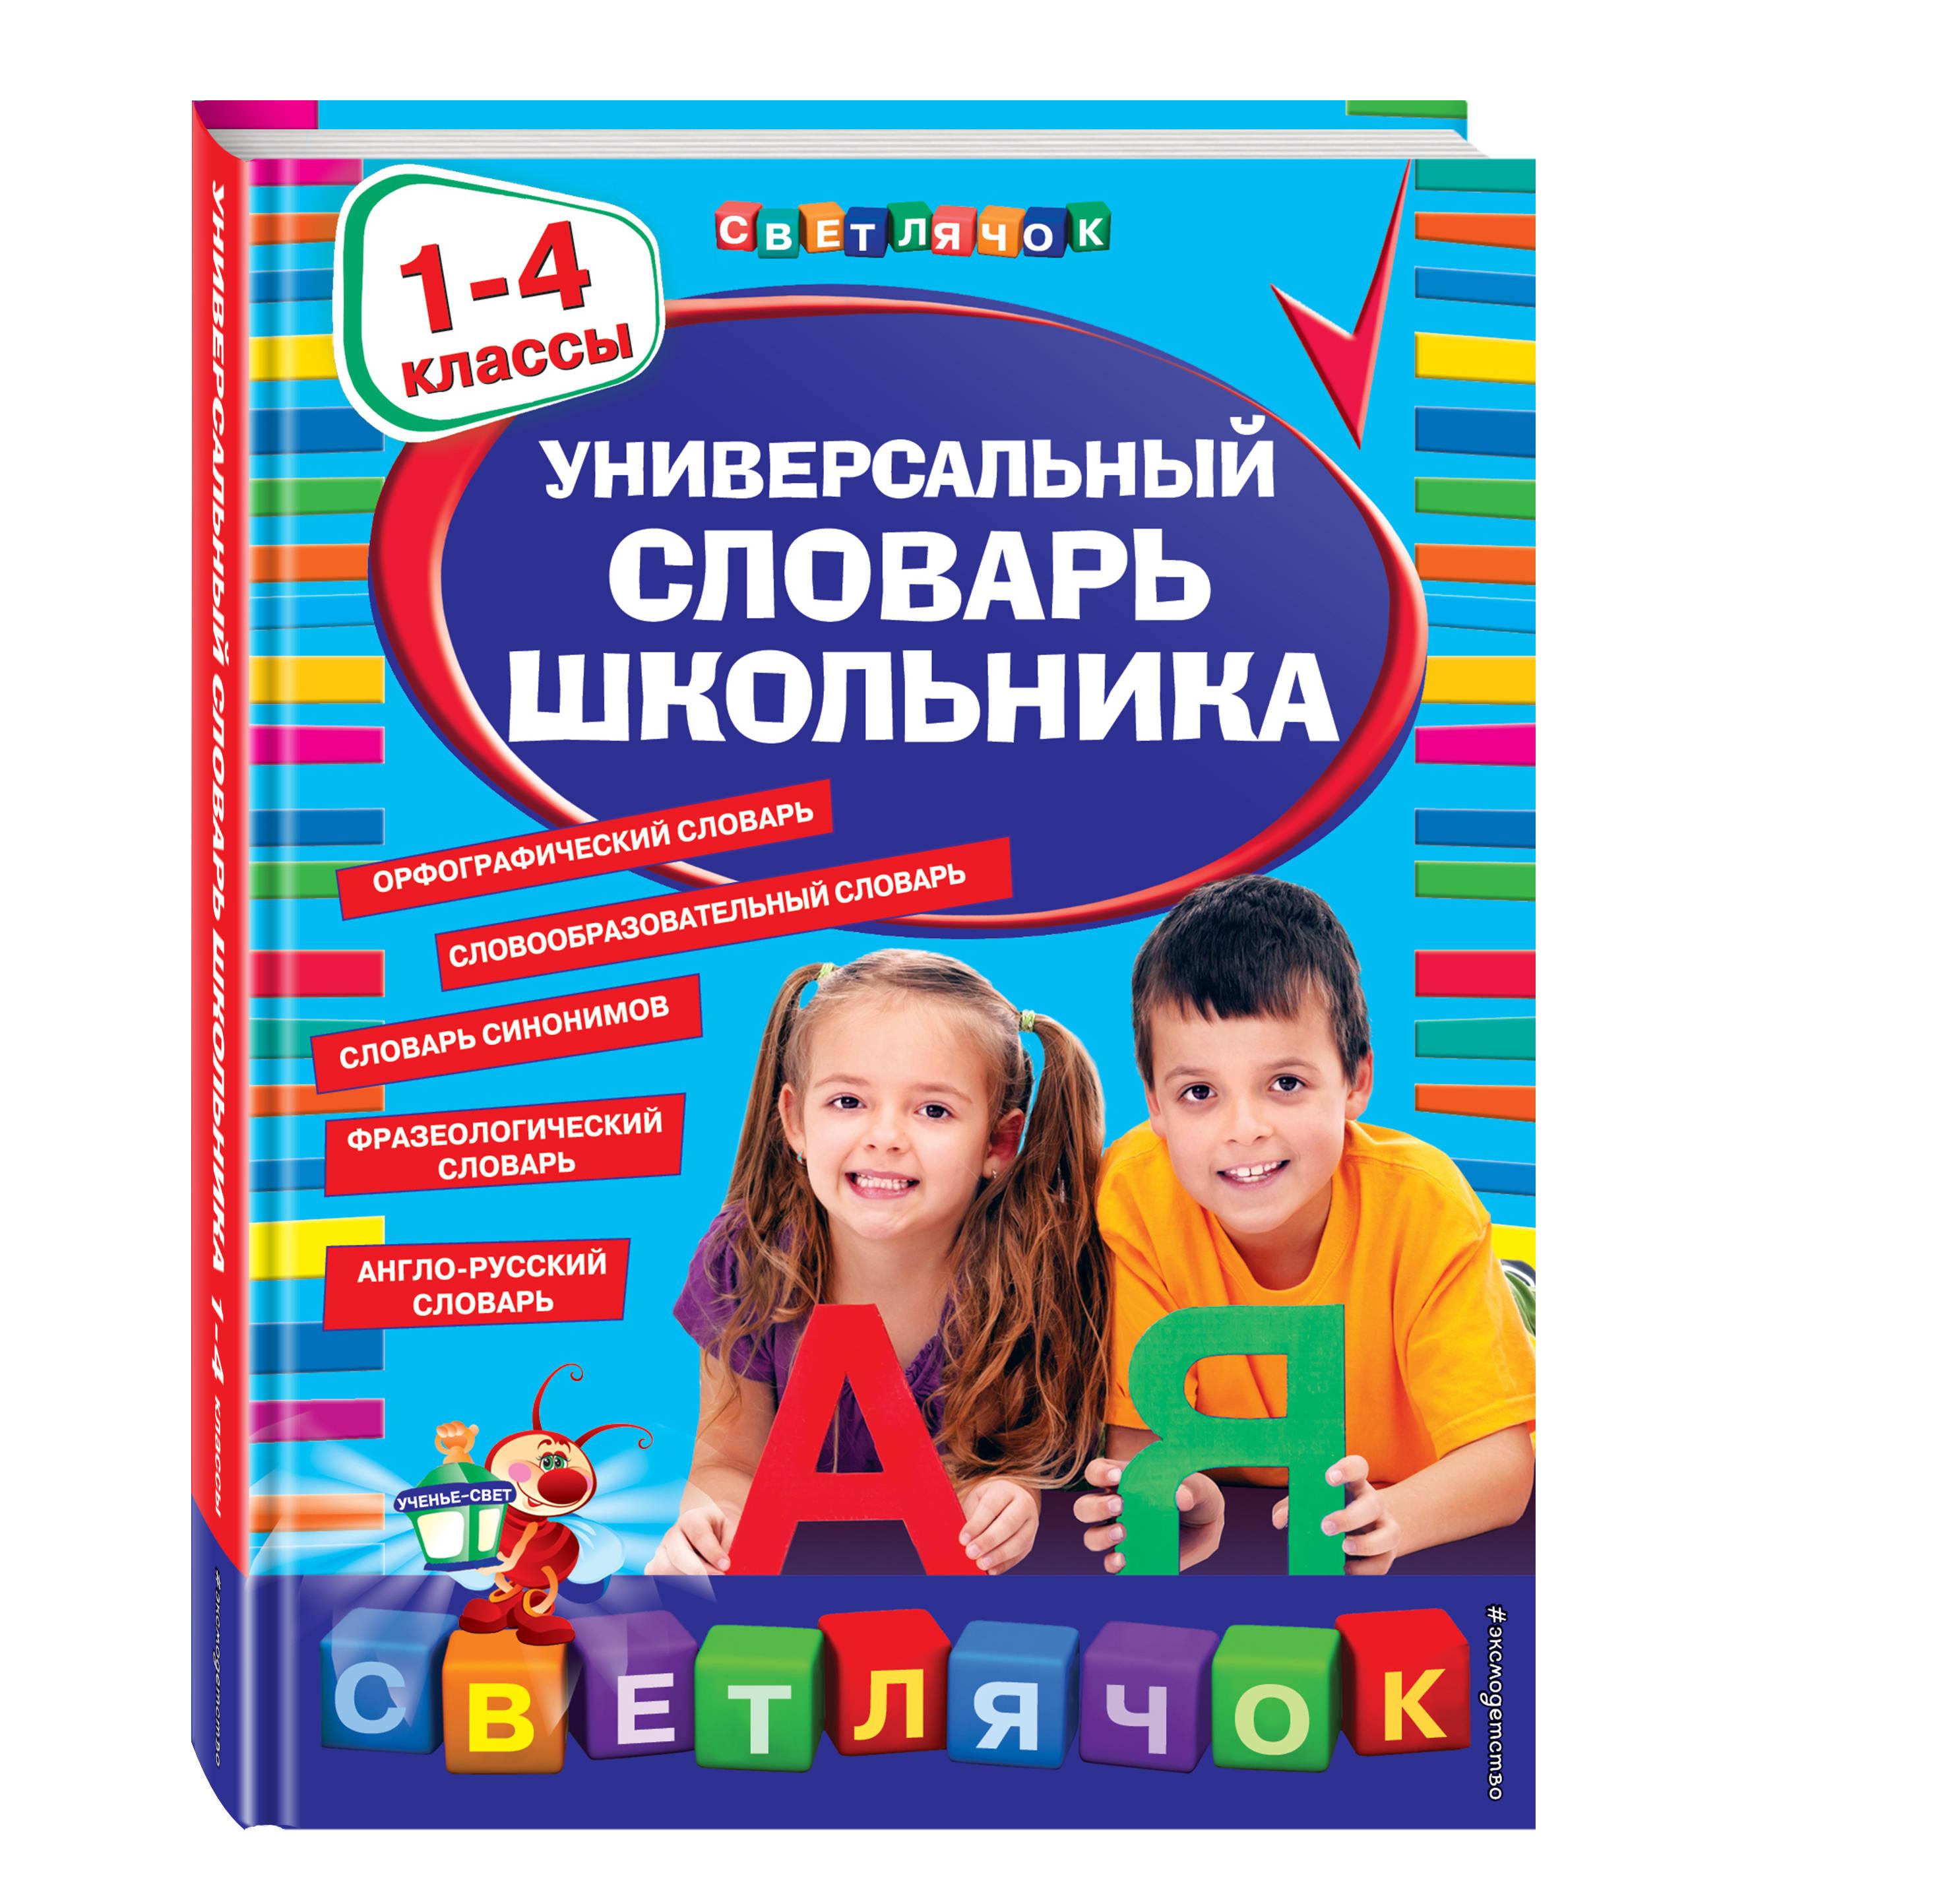 Универсальный словарь школьника: 1-4 классы словарь школьника по физической географии